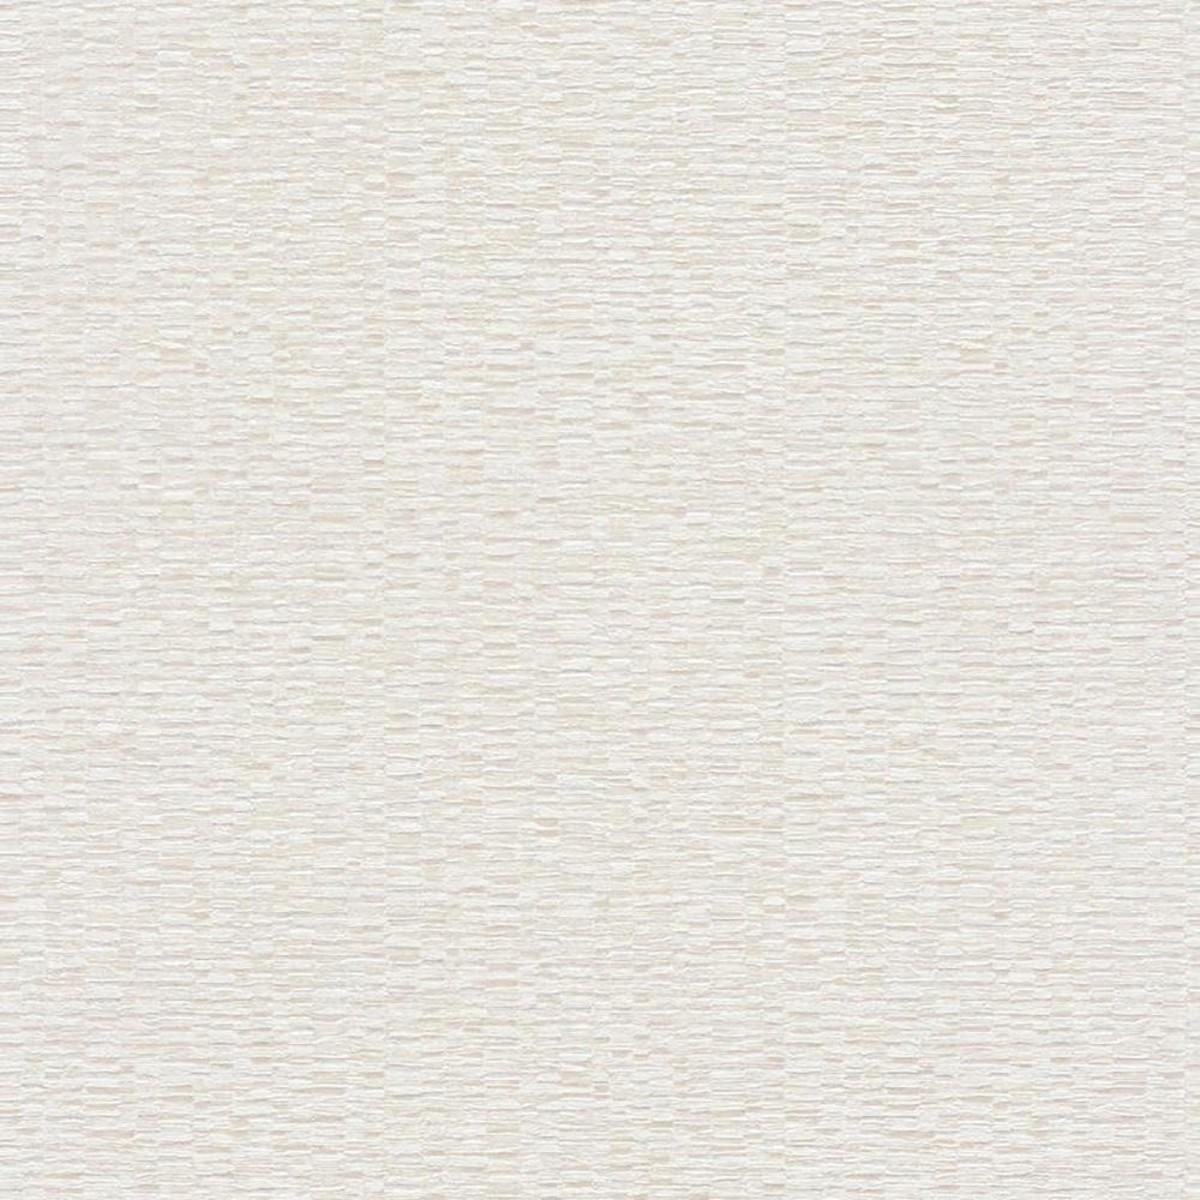 Обои флизелиновые Grandeco Nuances серые 0.53 м NU1301